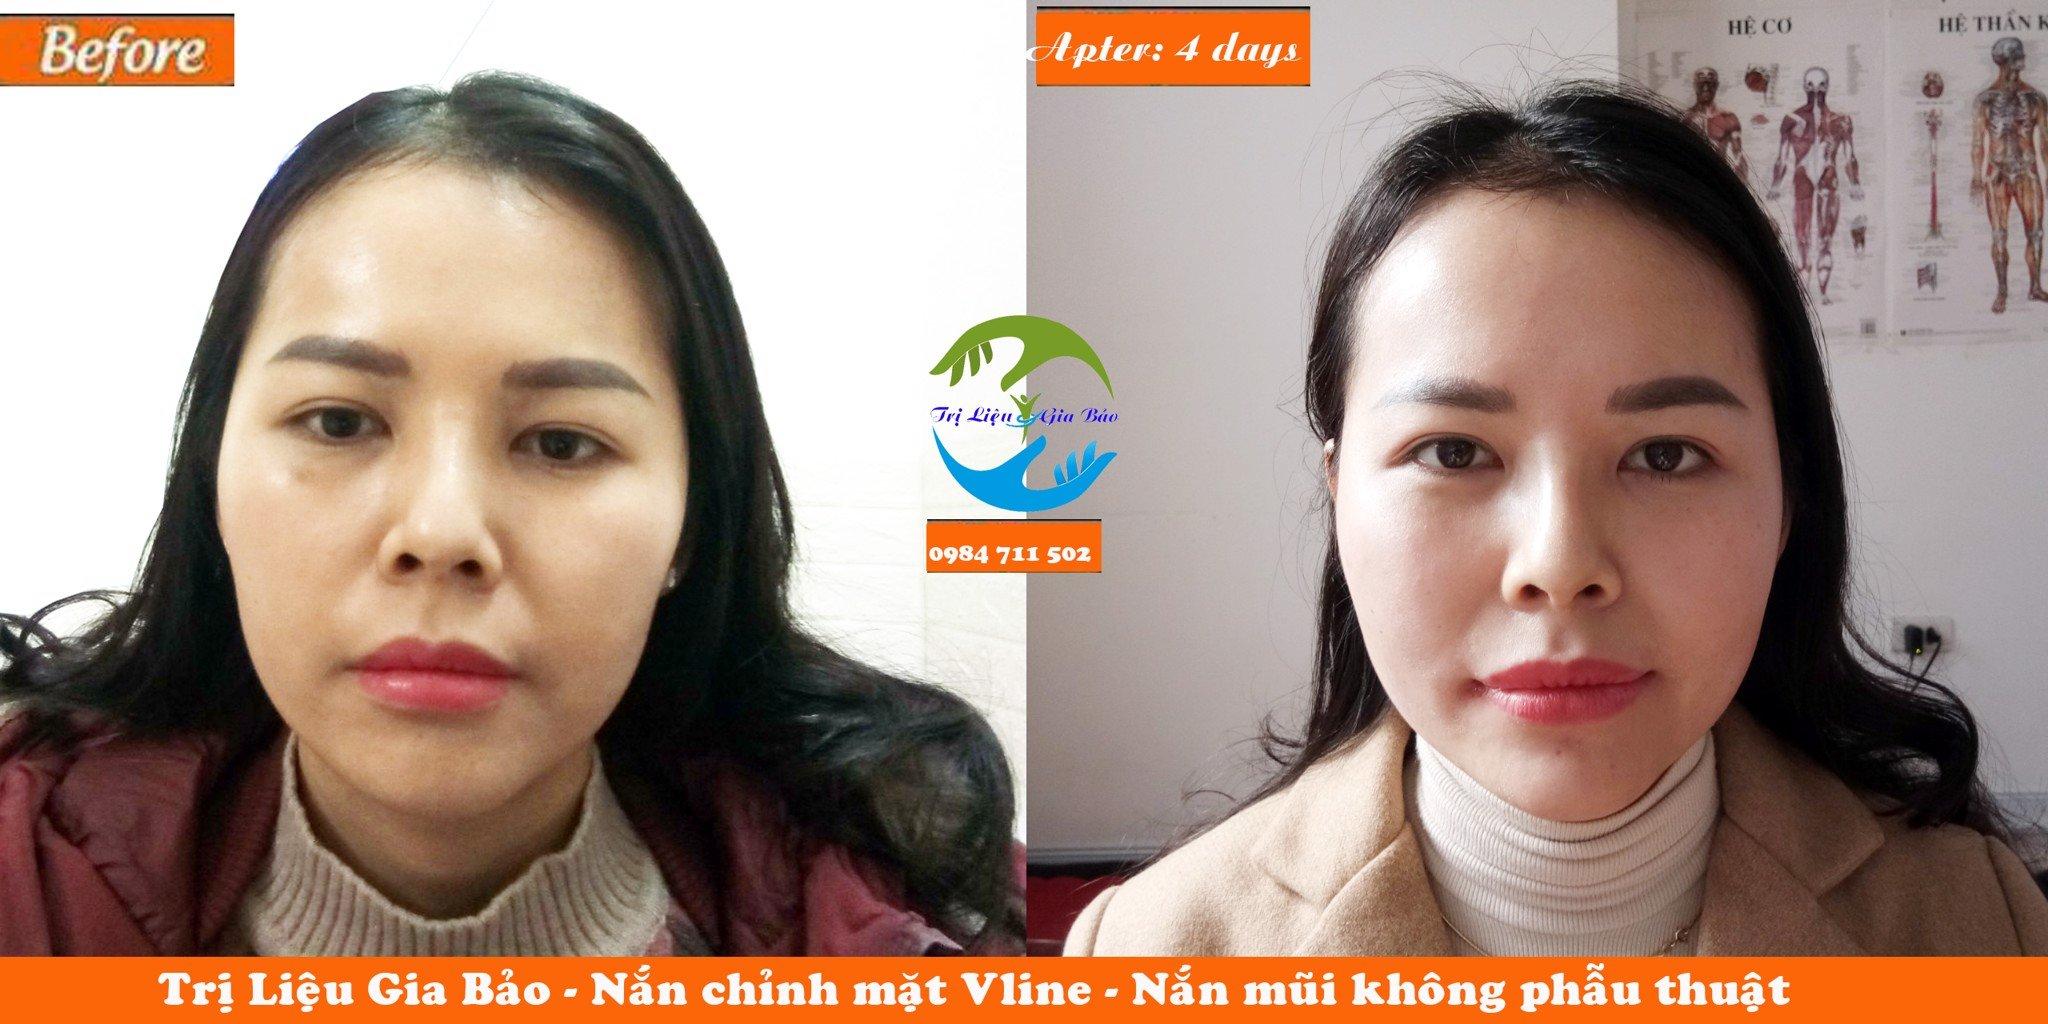 Nắn chỉnh mặt Vline, chỉnh lệch hàm, chỉnh lệch mũi ms Phương anh